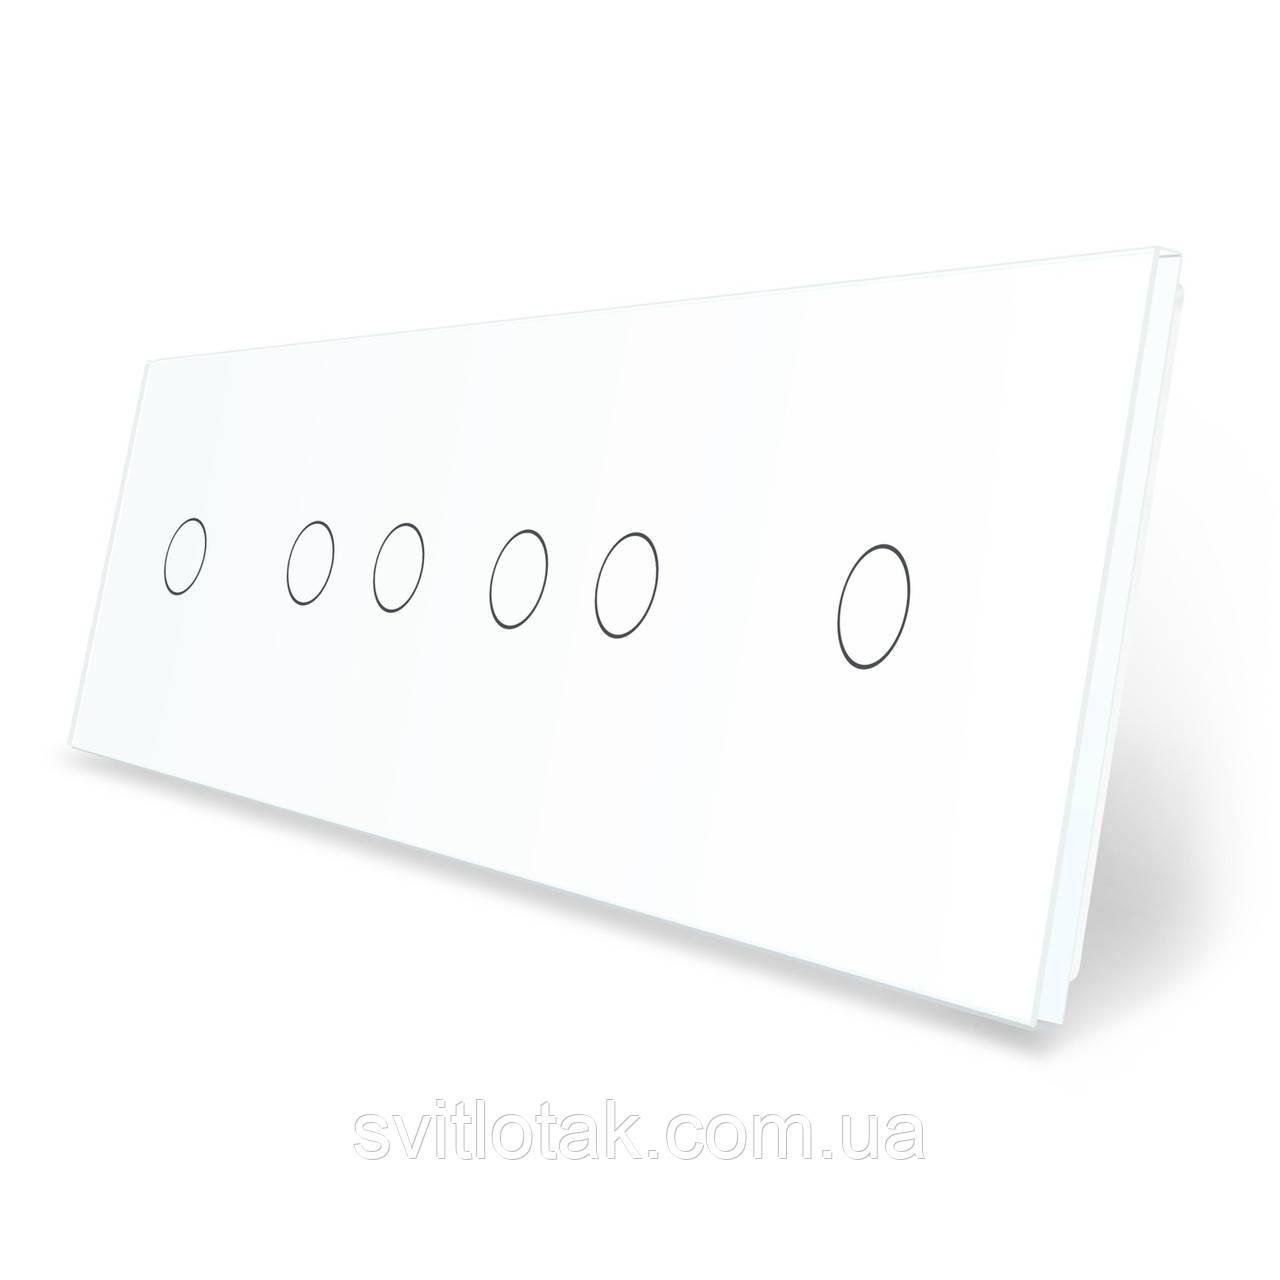 Сенсорна панель вимикача 6 сенсорів (1-2-2-1) білий скло Livolo (VL-P701/02/02/01-8W)